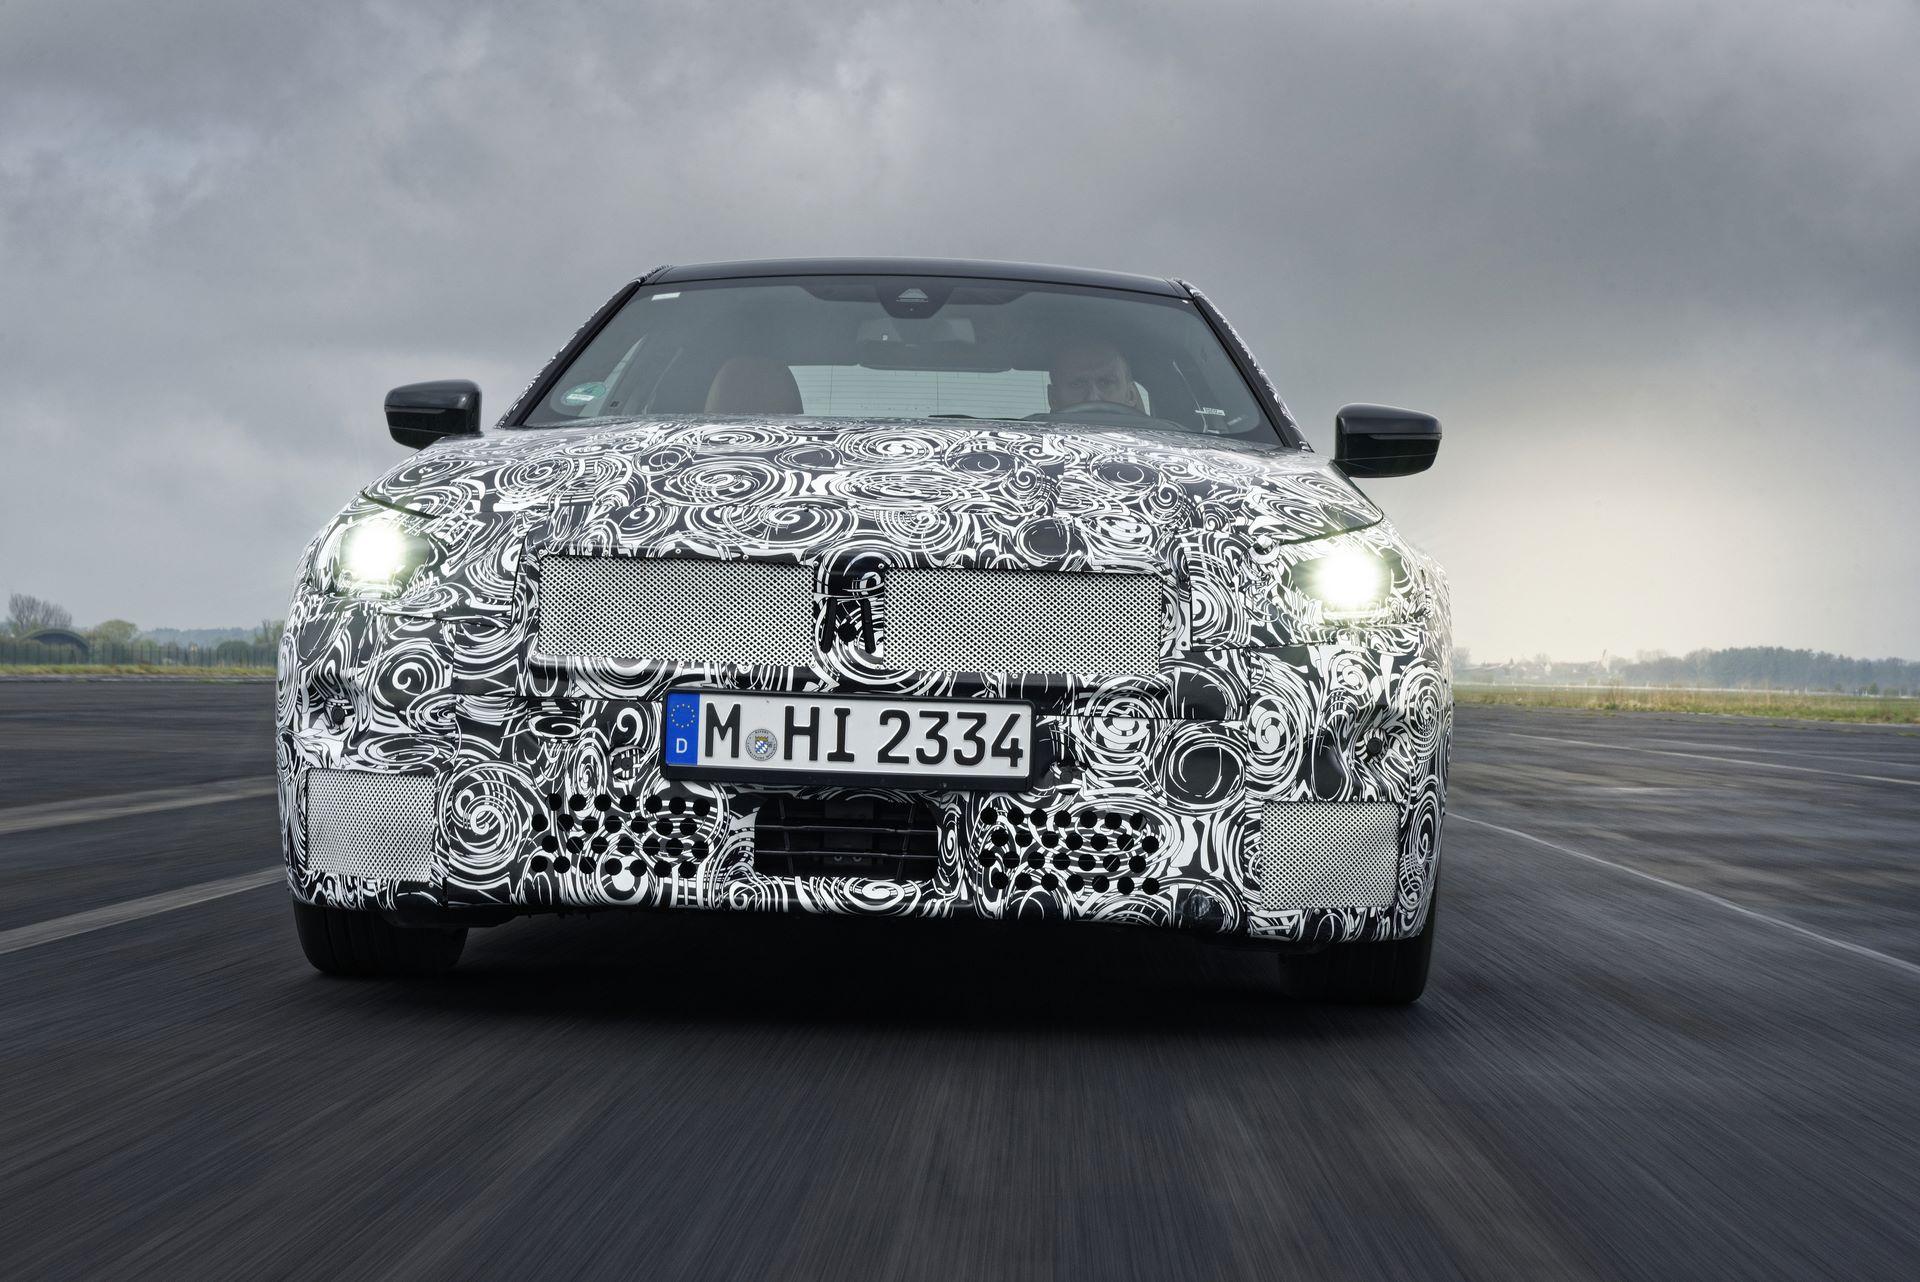 BMW-2-Series-M240i-spy-photos-7